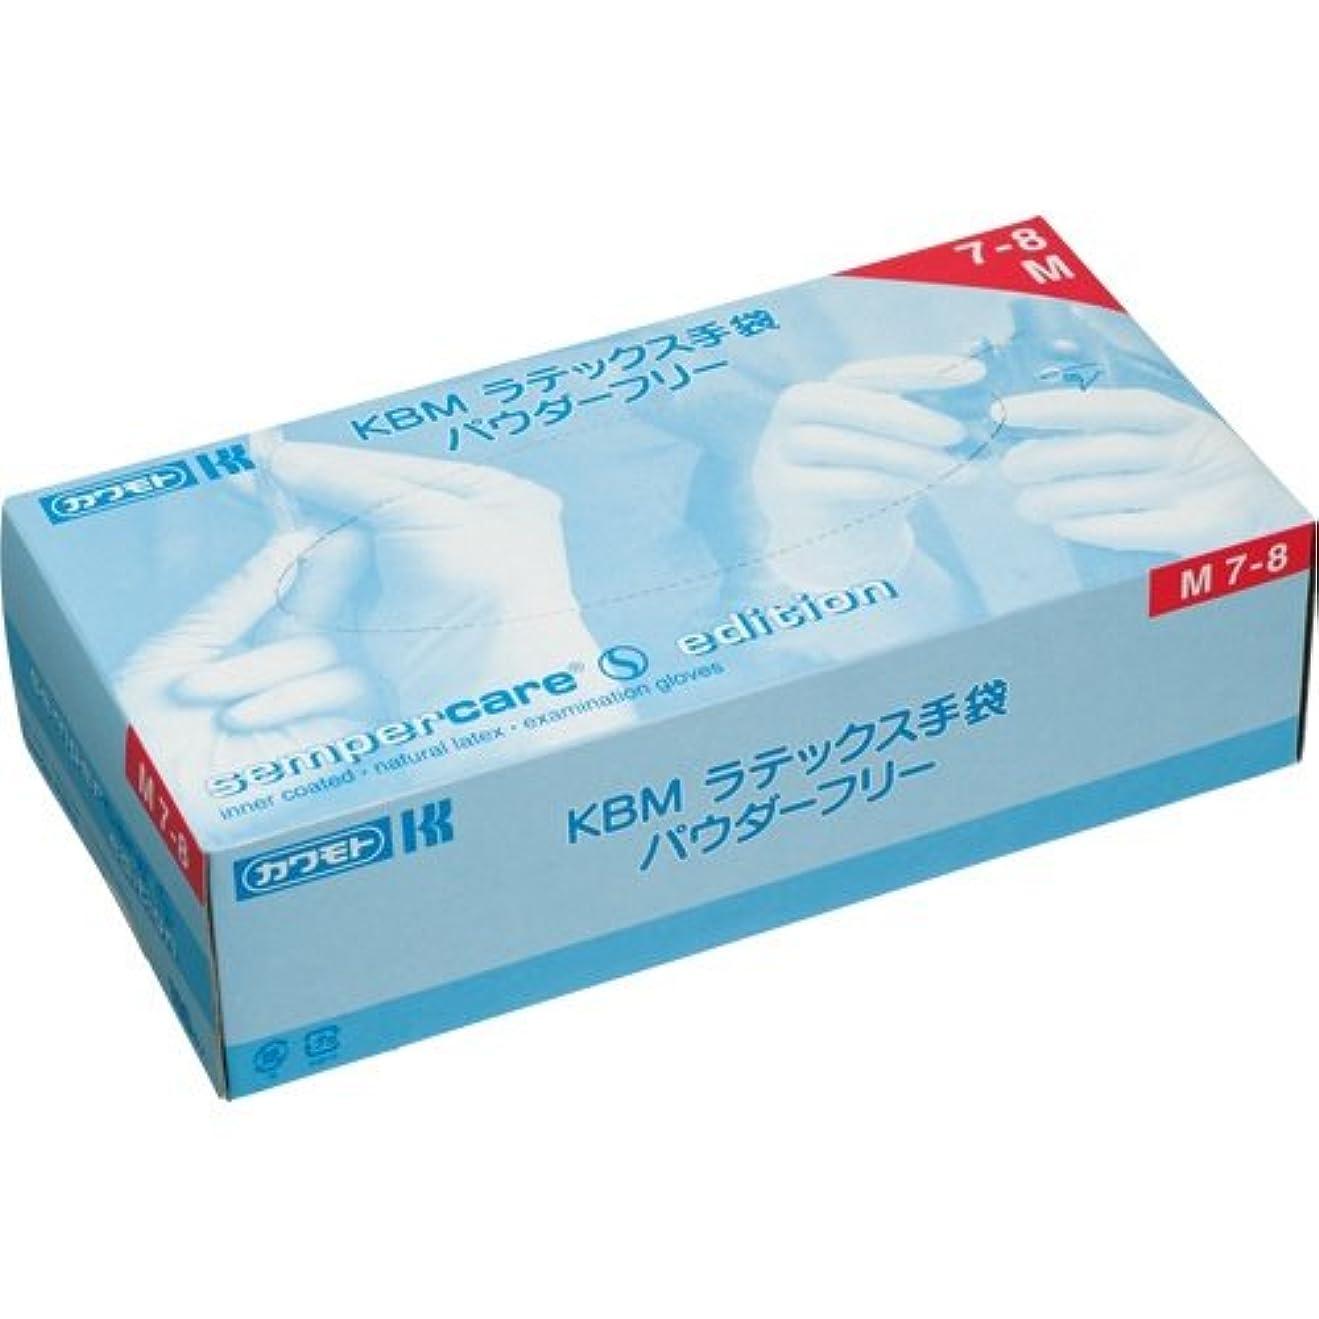 日付駅ライセンスカワモト KBM ラテックス手袋 パウダーフリー M 1セット(300枚:100枚×3箱)